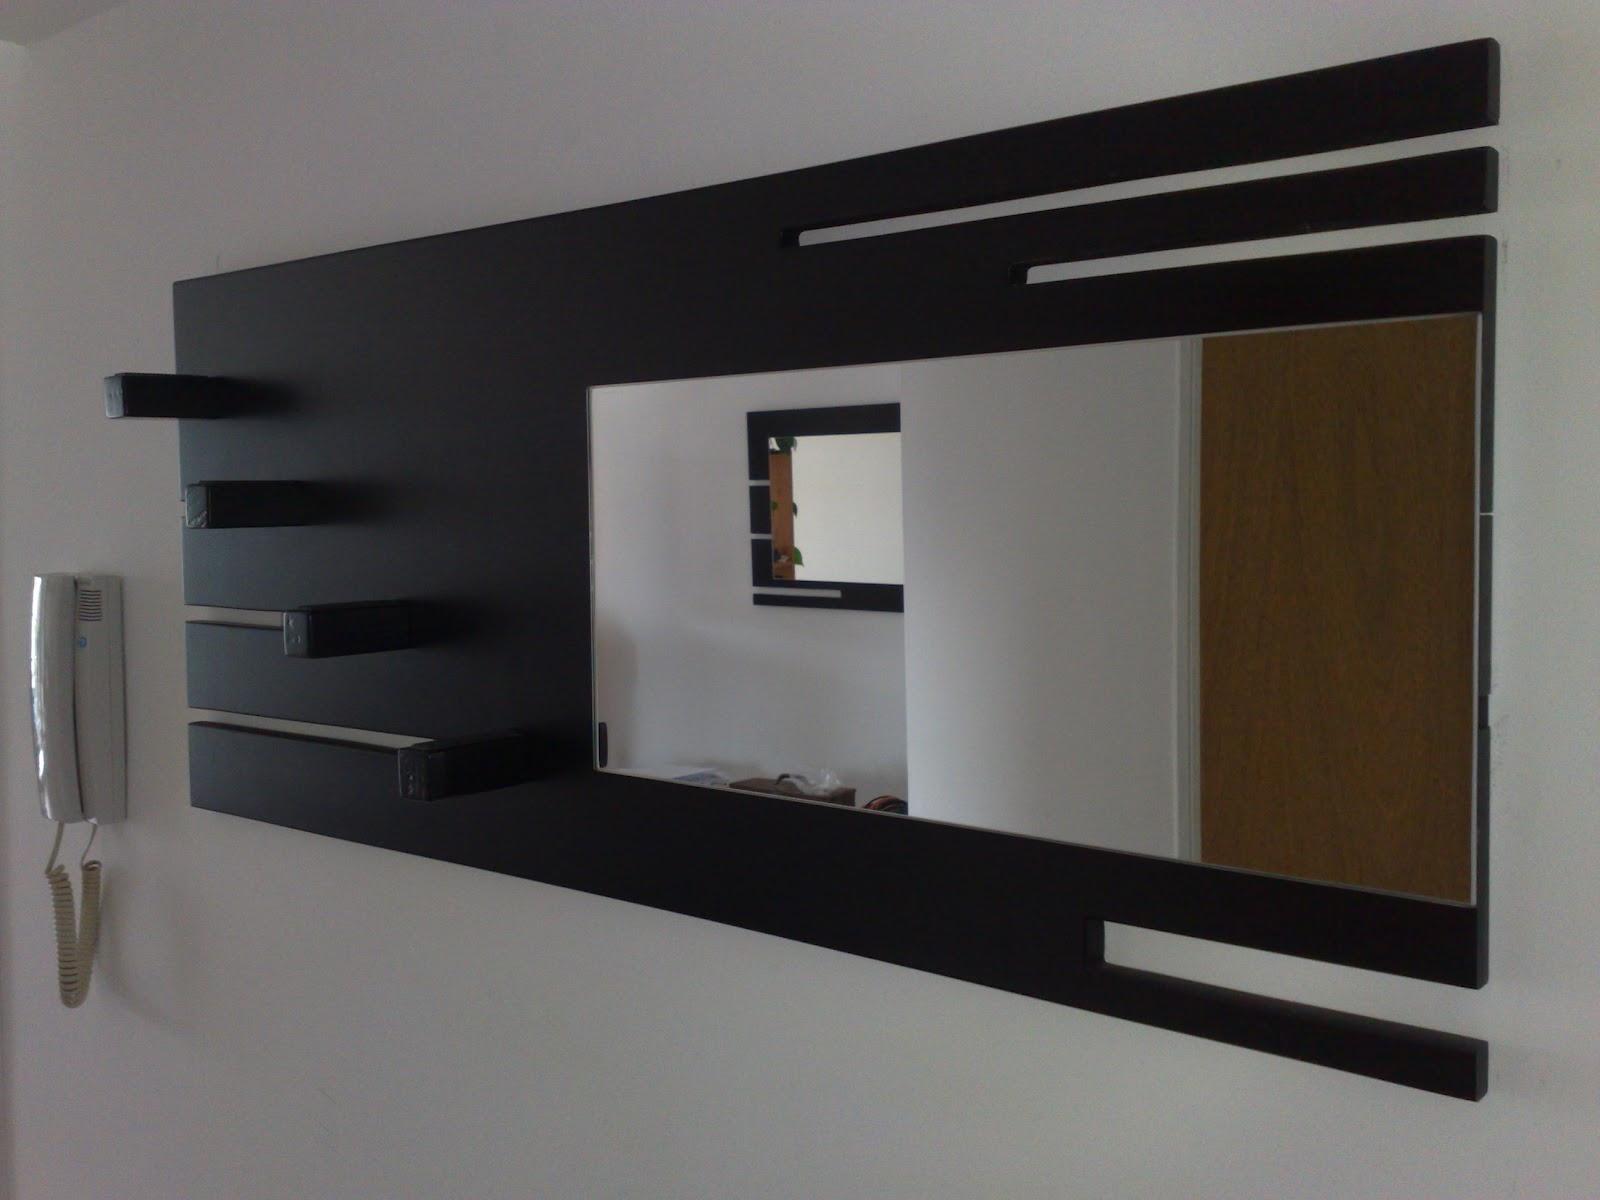 Dise o de productos septiembre 2012 - Percheros pared diseno ...